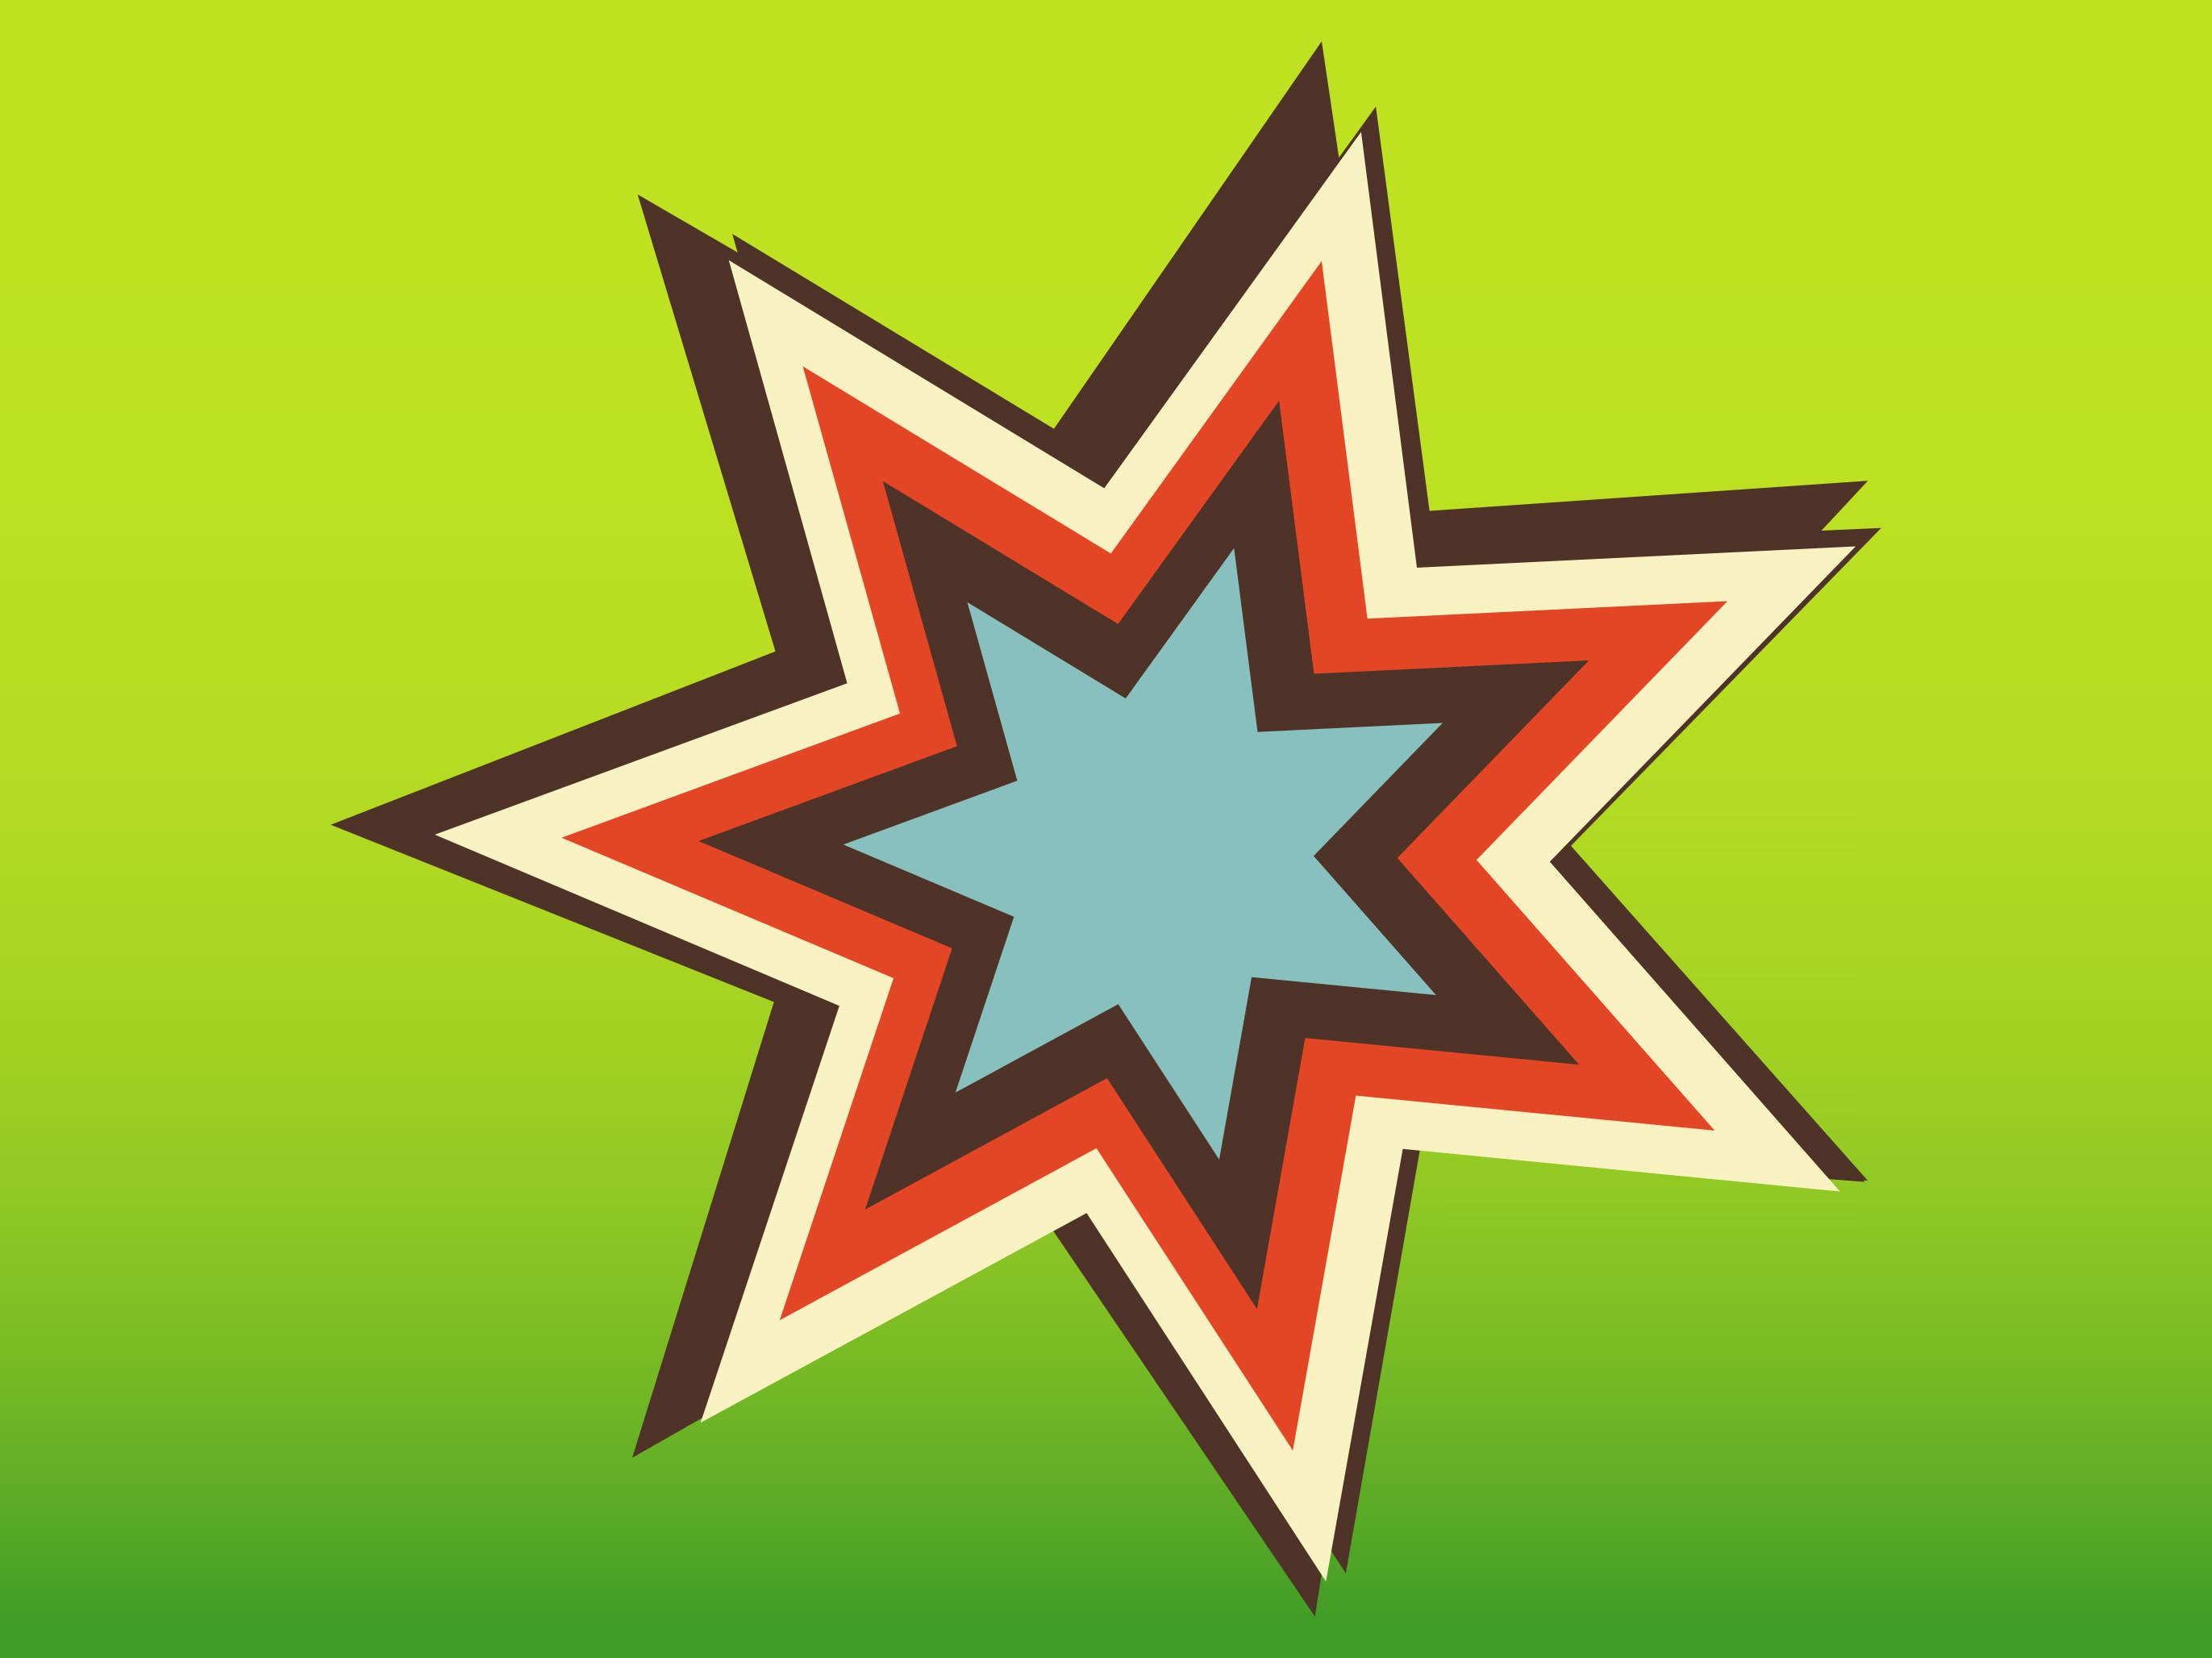 star vectors25